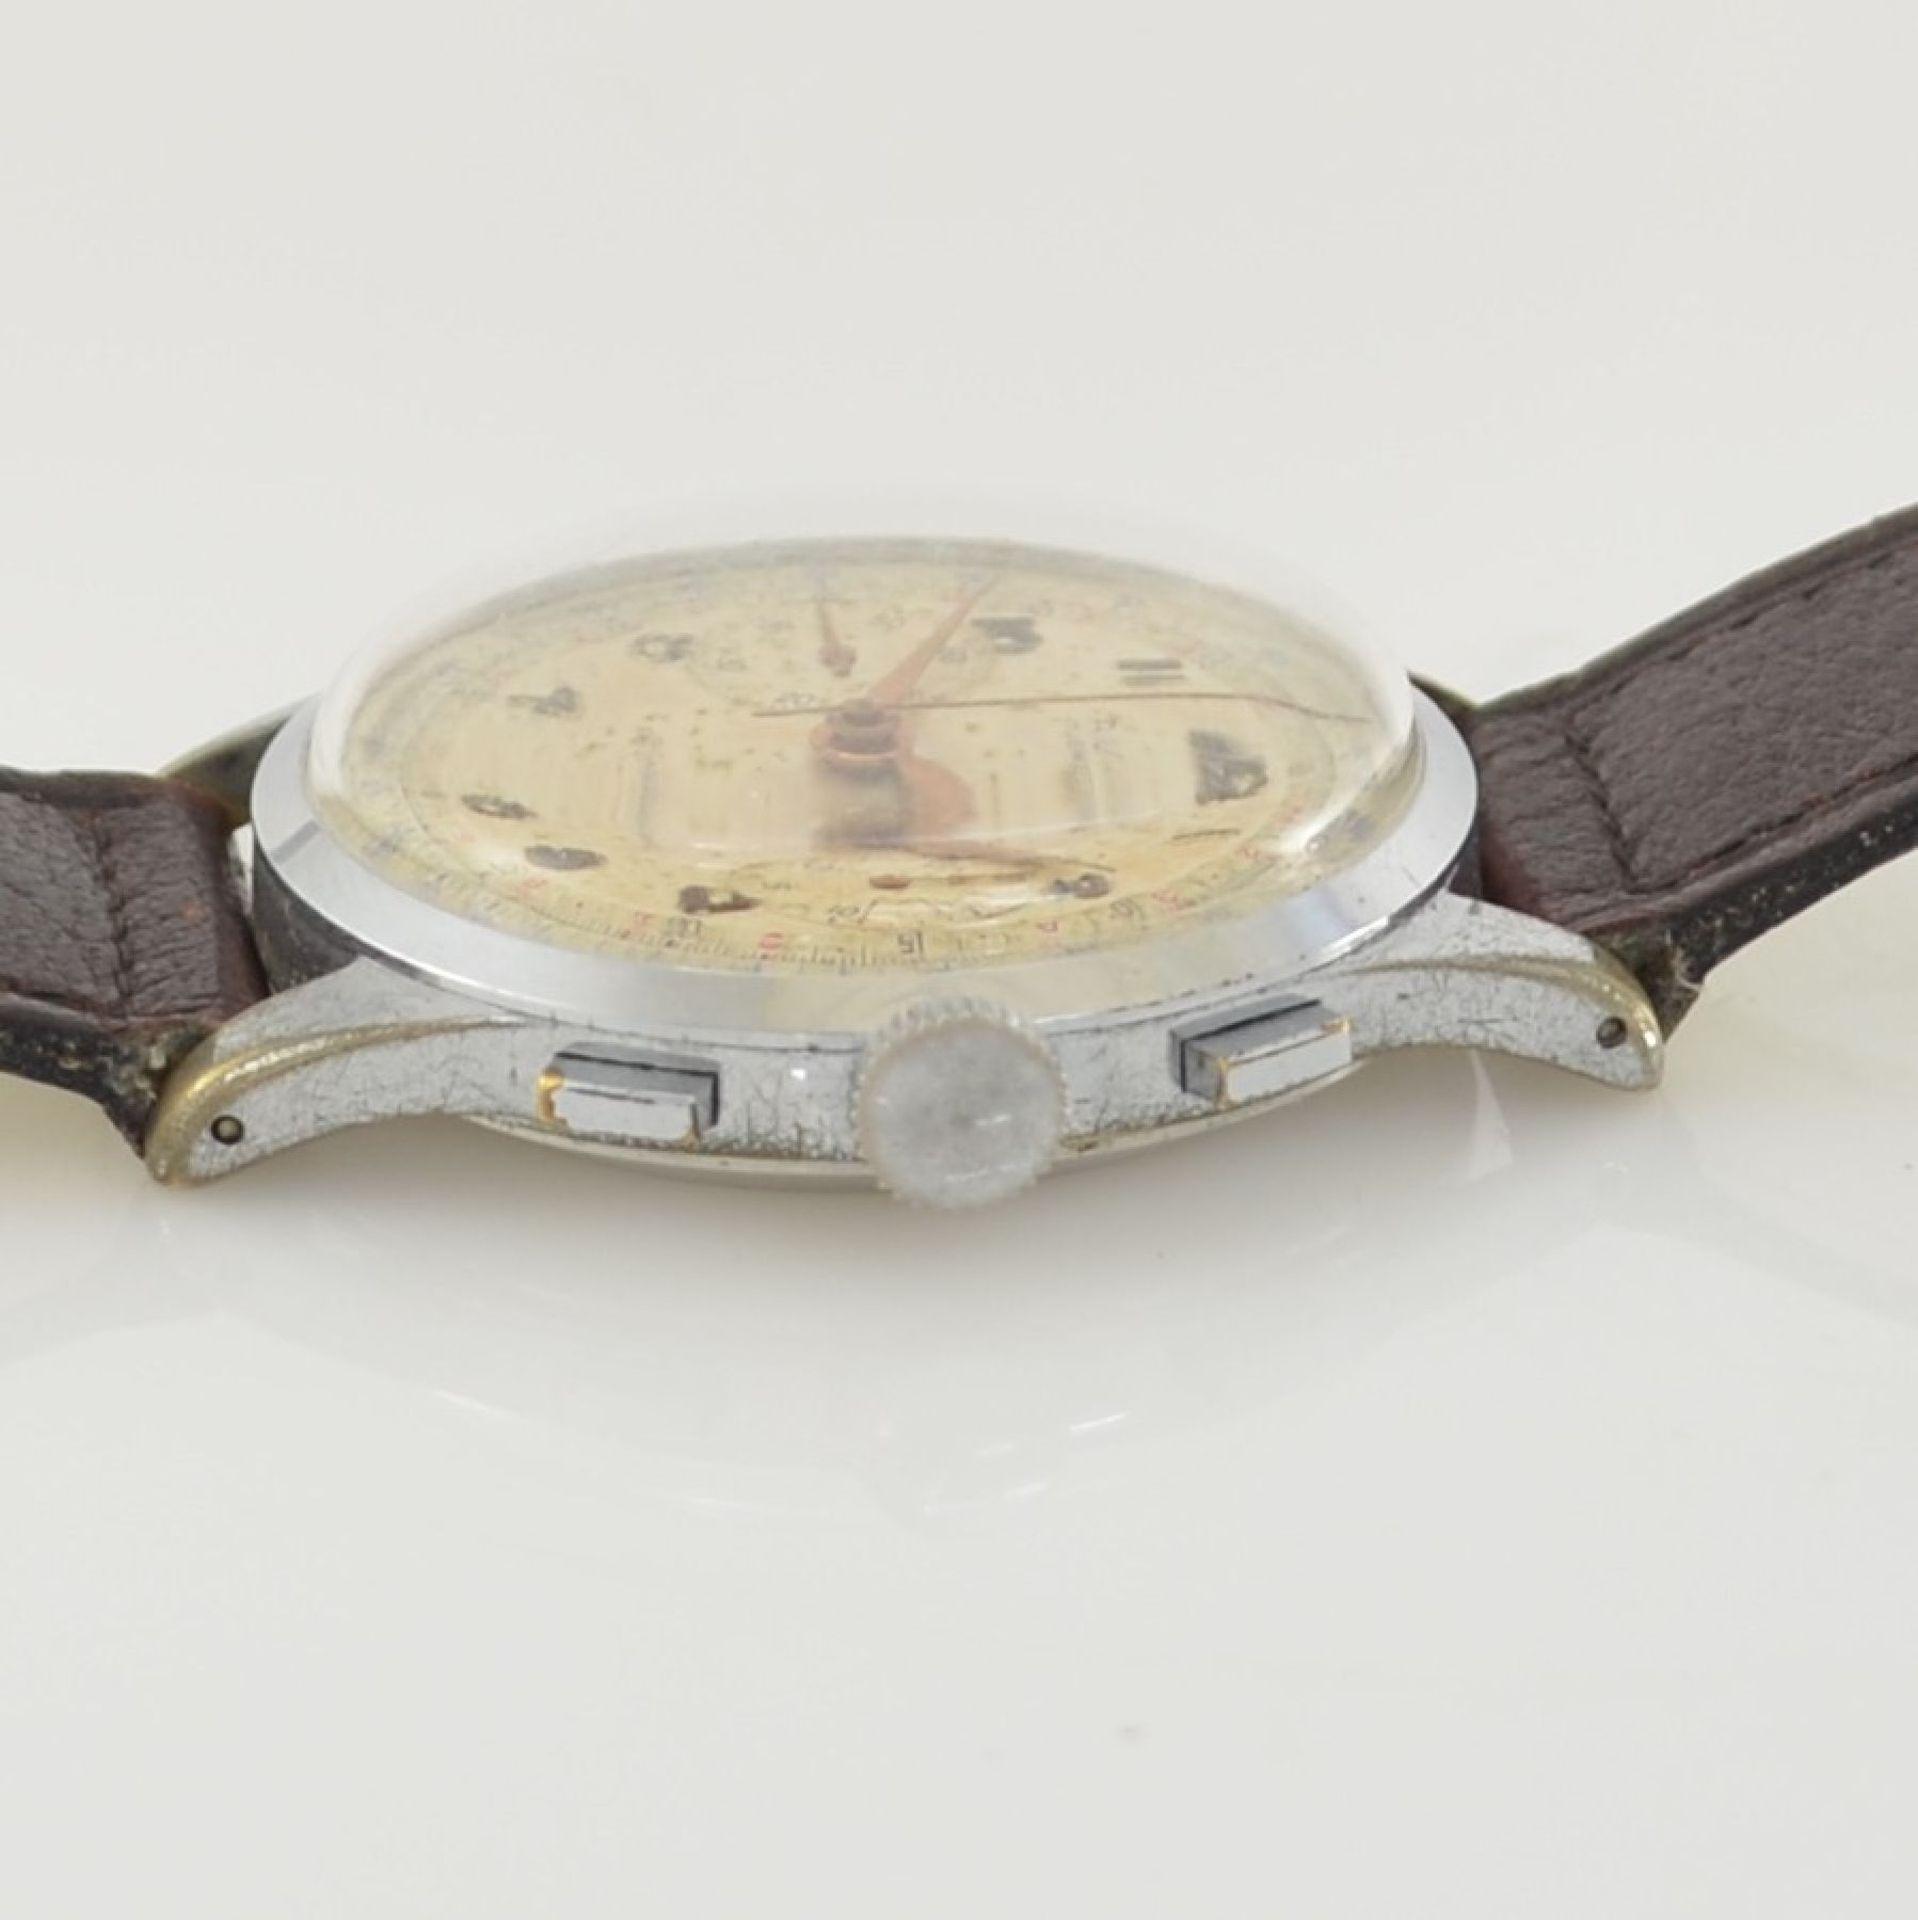 AVIA Armbandchronograph, Handaufzug, Schweiz für den dtsch. Markt um 1940, verchr. Metallgeh. - Bild 5 aus 10